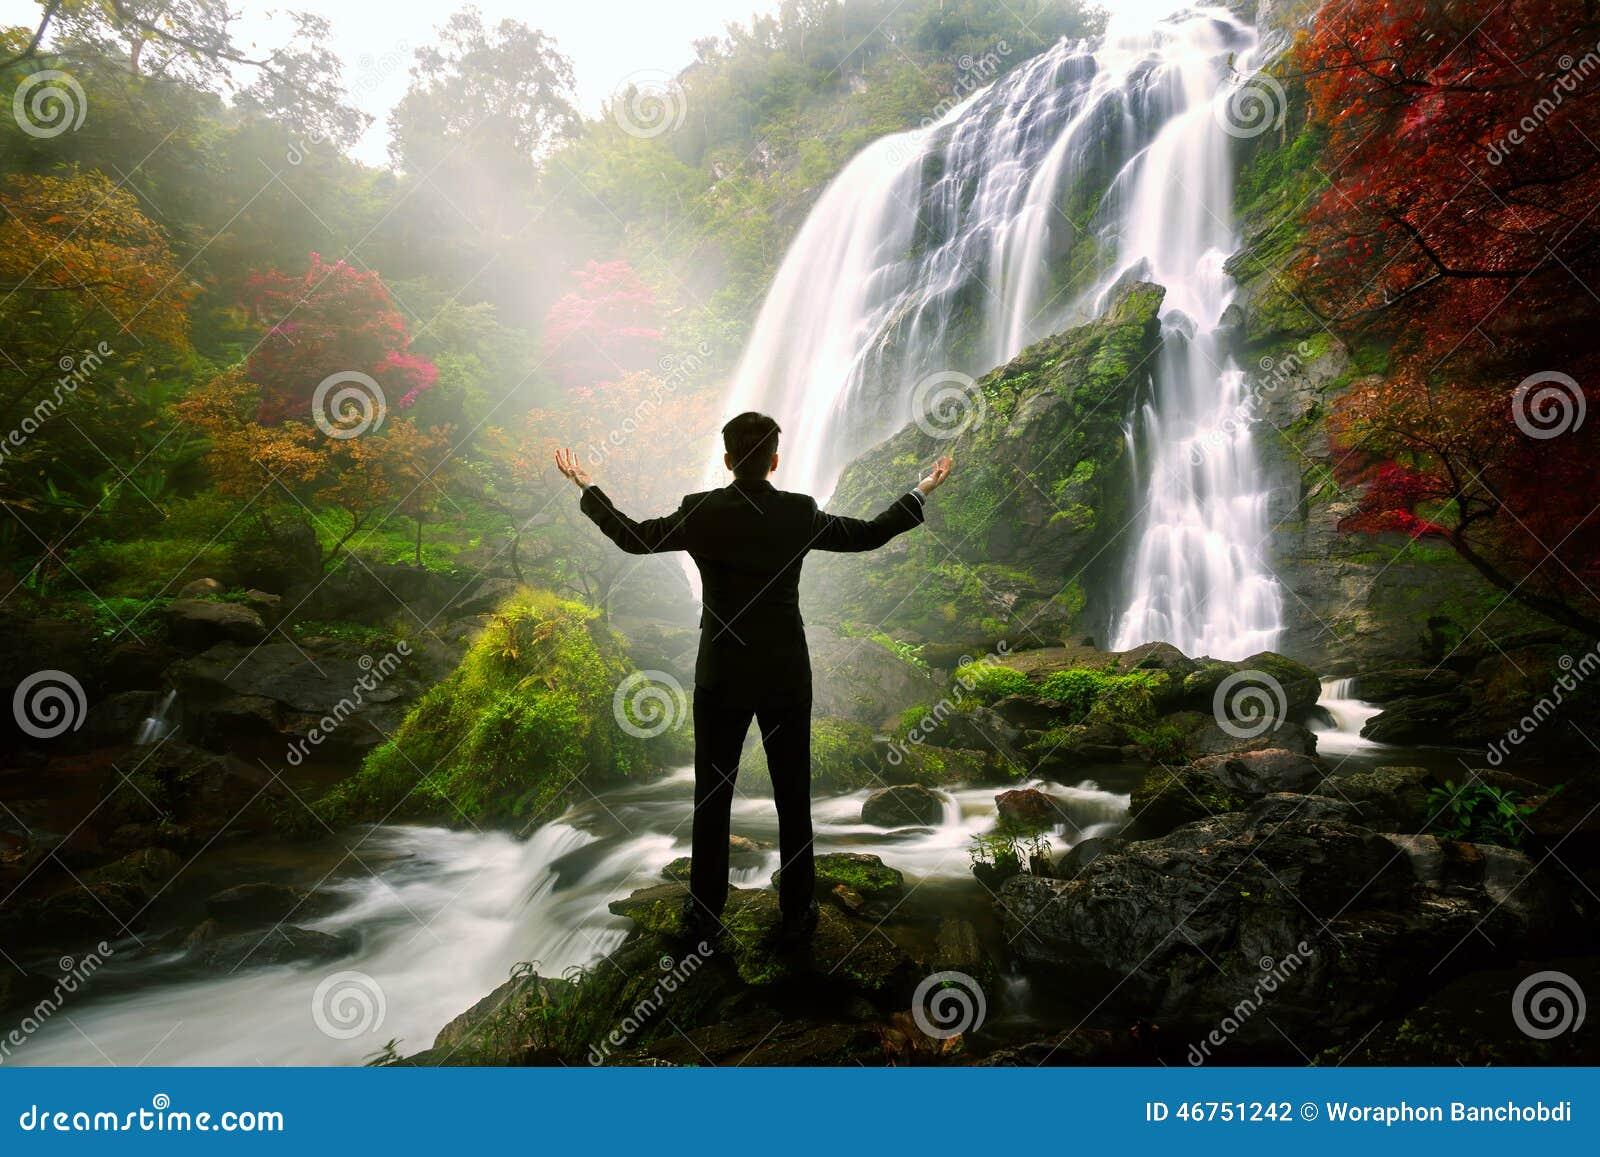 Entspannender Geschäftsmann, der am Wasserfall steht